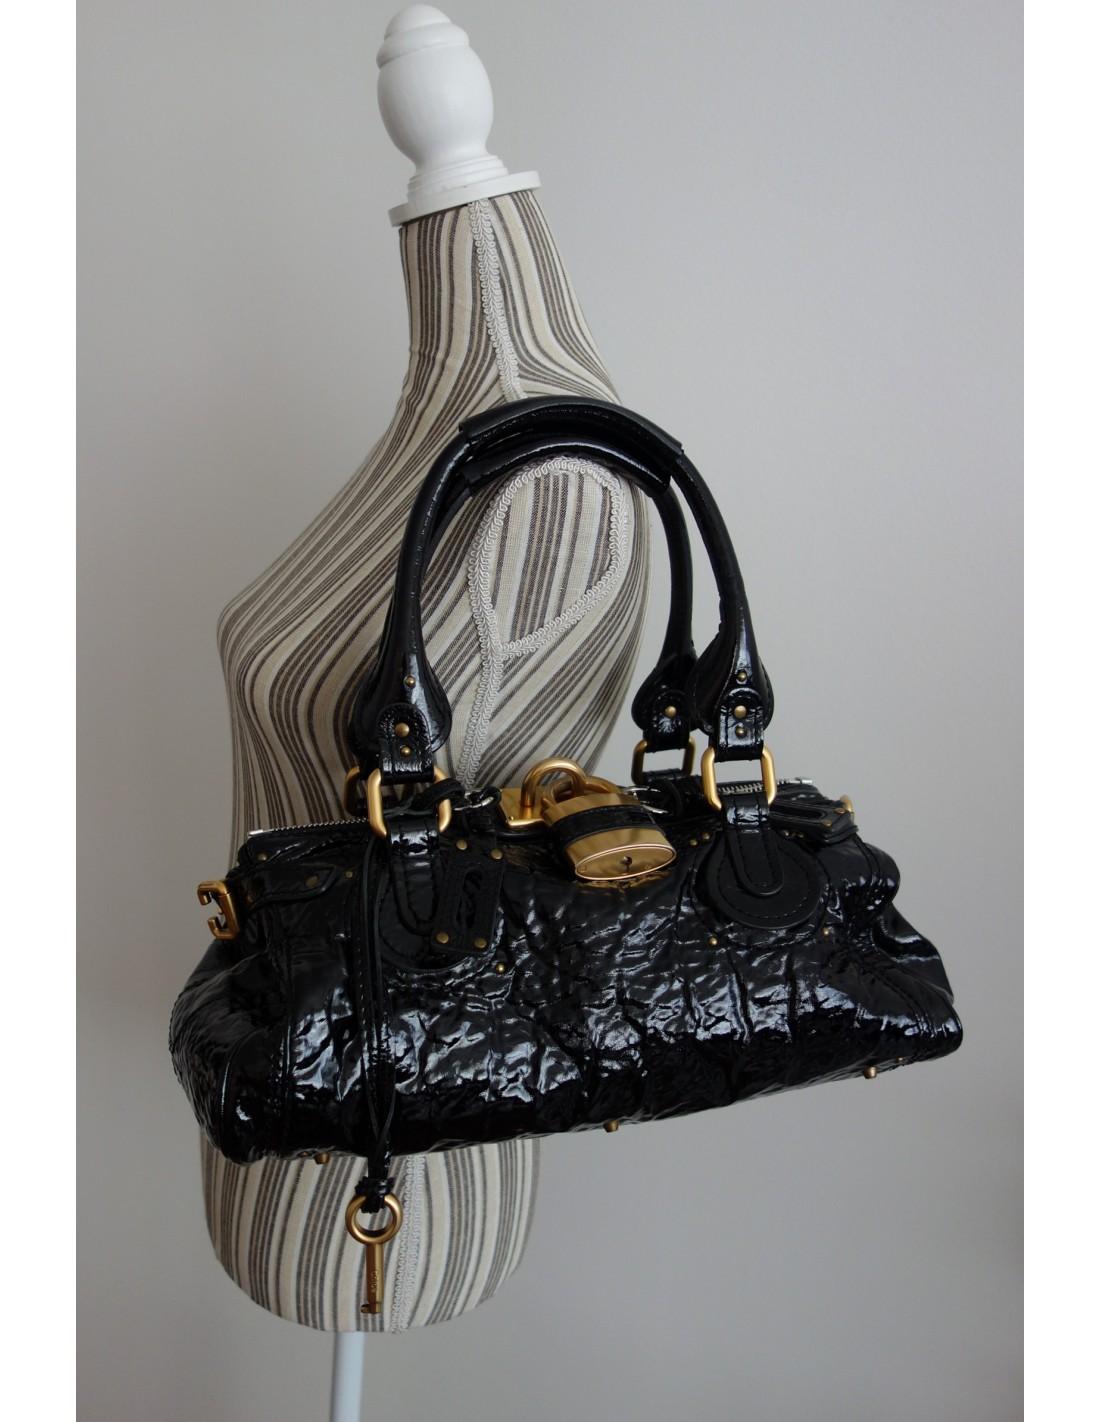 Sac Atoutluxe Boutique Noir Cuir Verni Chloe Paddington qGVUpSzM